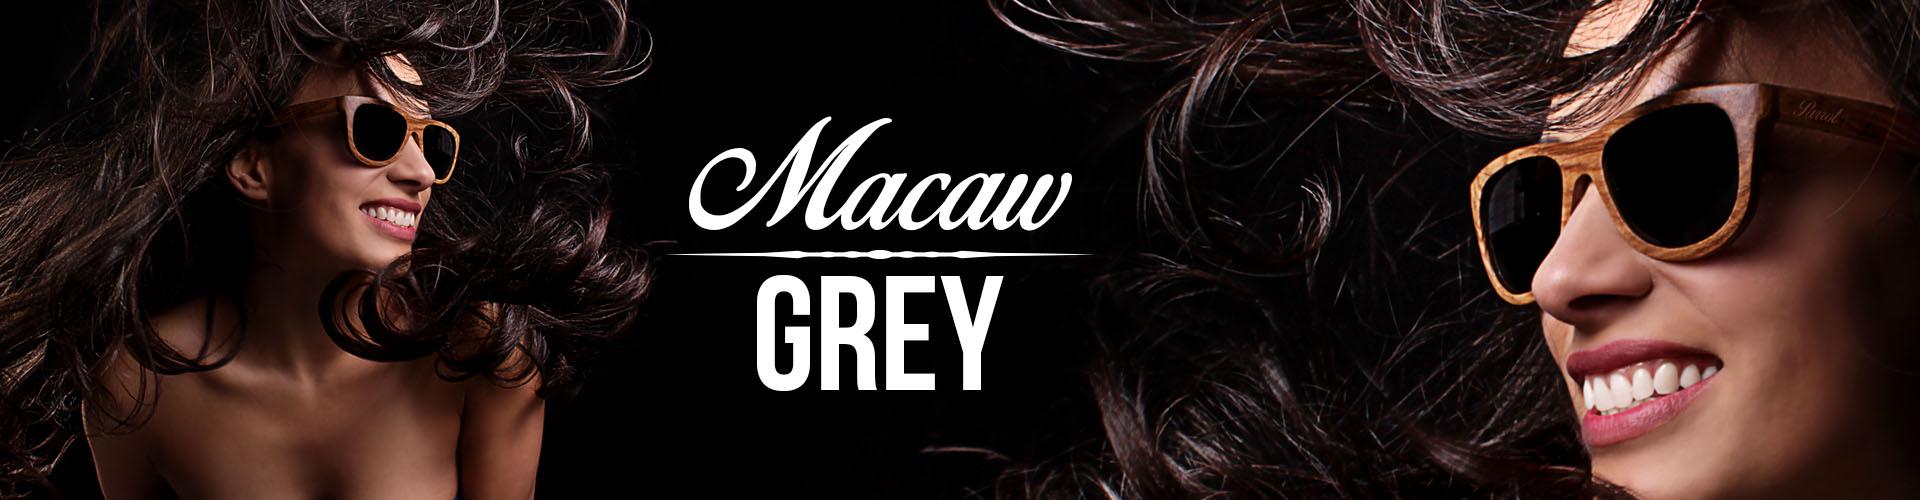 parrot-eyewear-macaw-grey-1